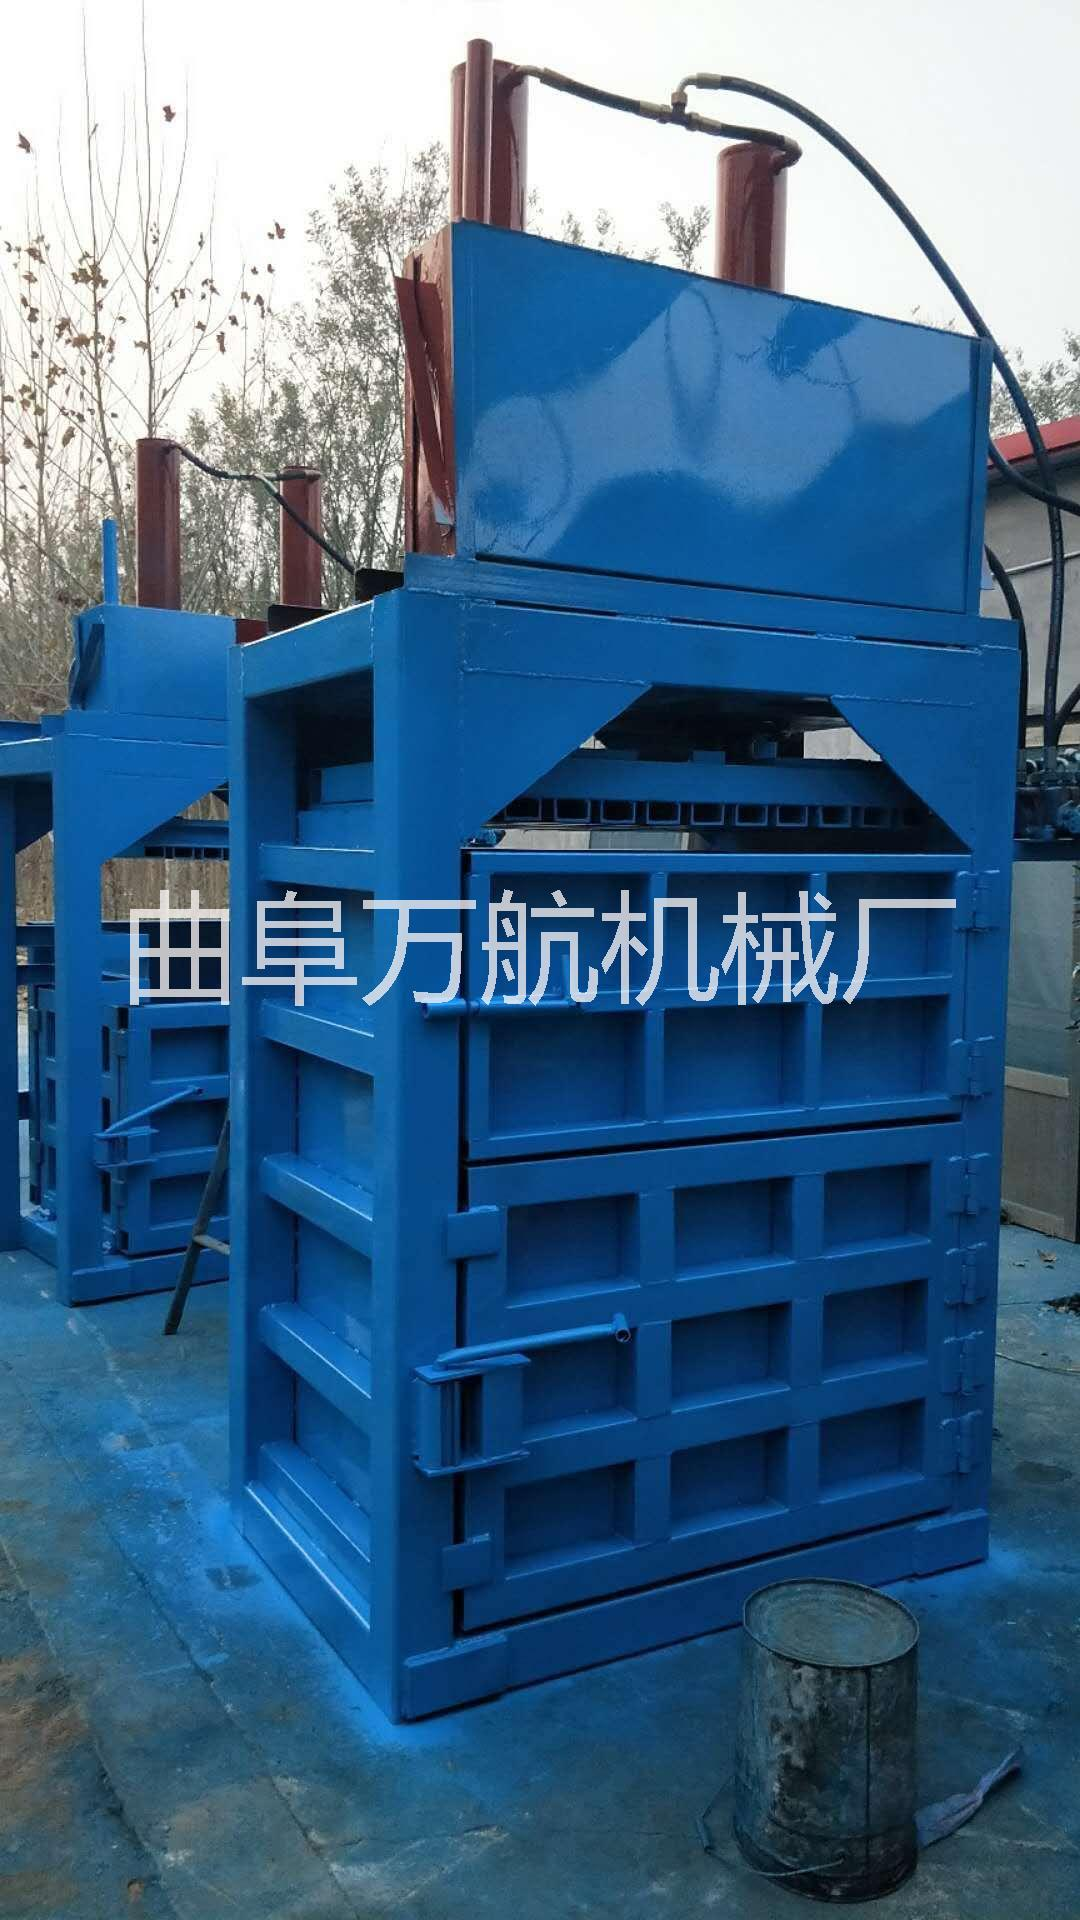 山东厂家销售小型液压打包机 废纸打包机 金属打包机 山东厂家销售小型液压打包